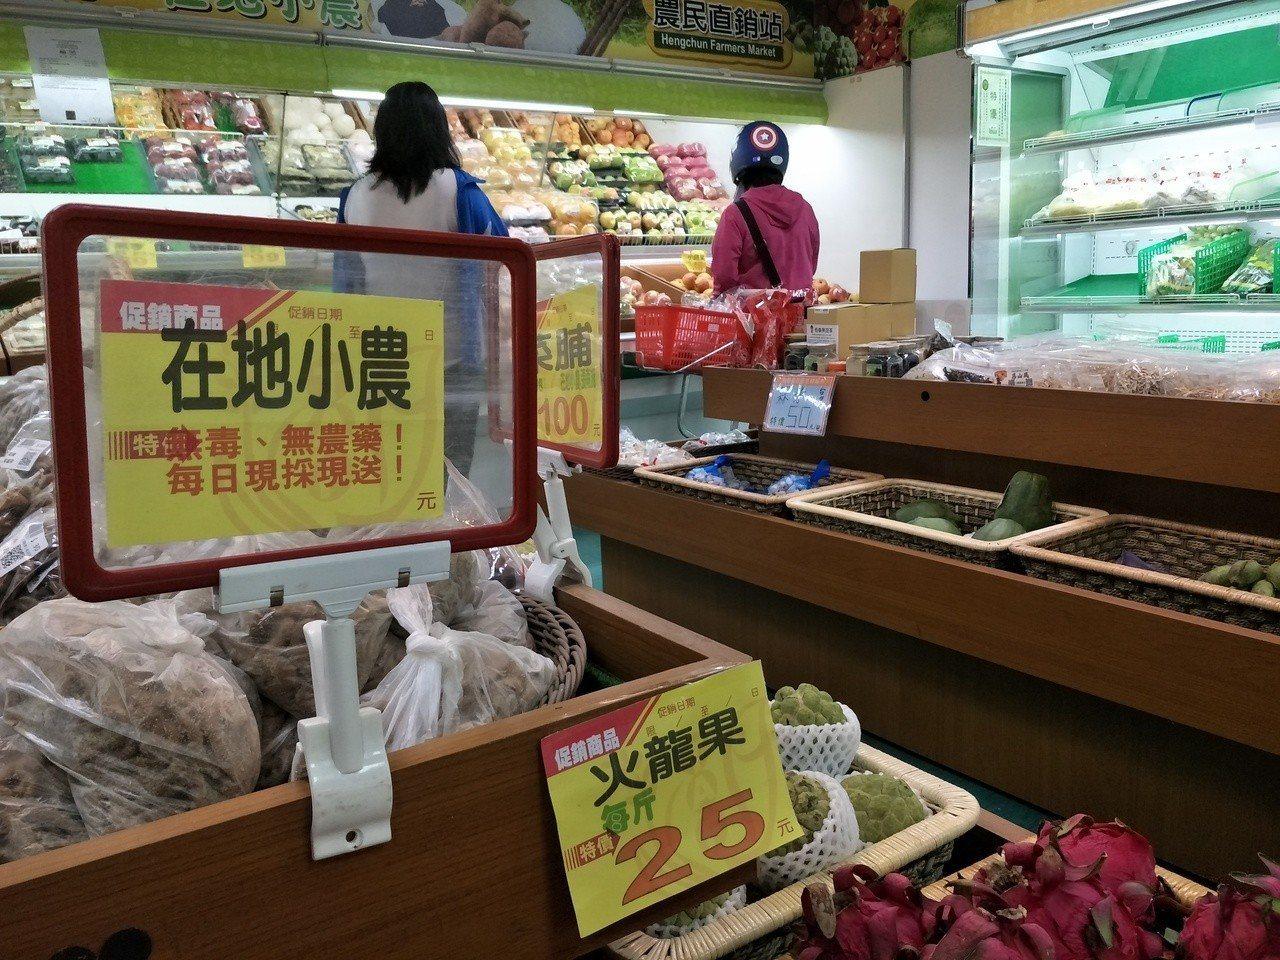 恆春鎮農會生鮮超市的「在地小農鮮舖」專區,依不同季節供應小農栽植的無毒蔬果,另有...